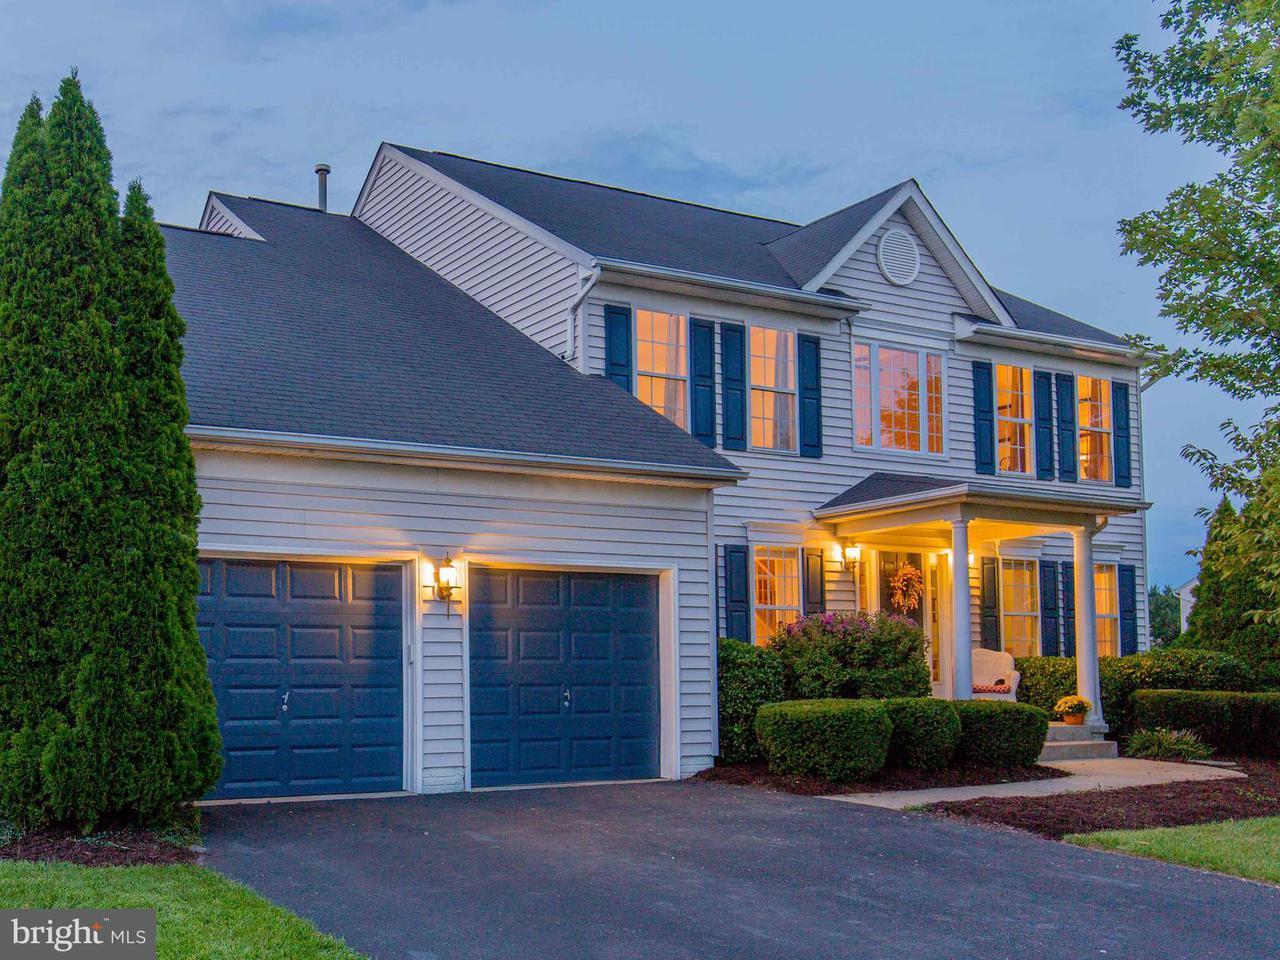 独户住宅 为 销售 在 5930 NORWOOD PL W 5930 NORWOOD PL W Adamstown, 马里兰州 21710 美国